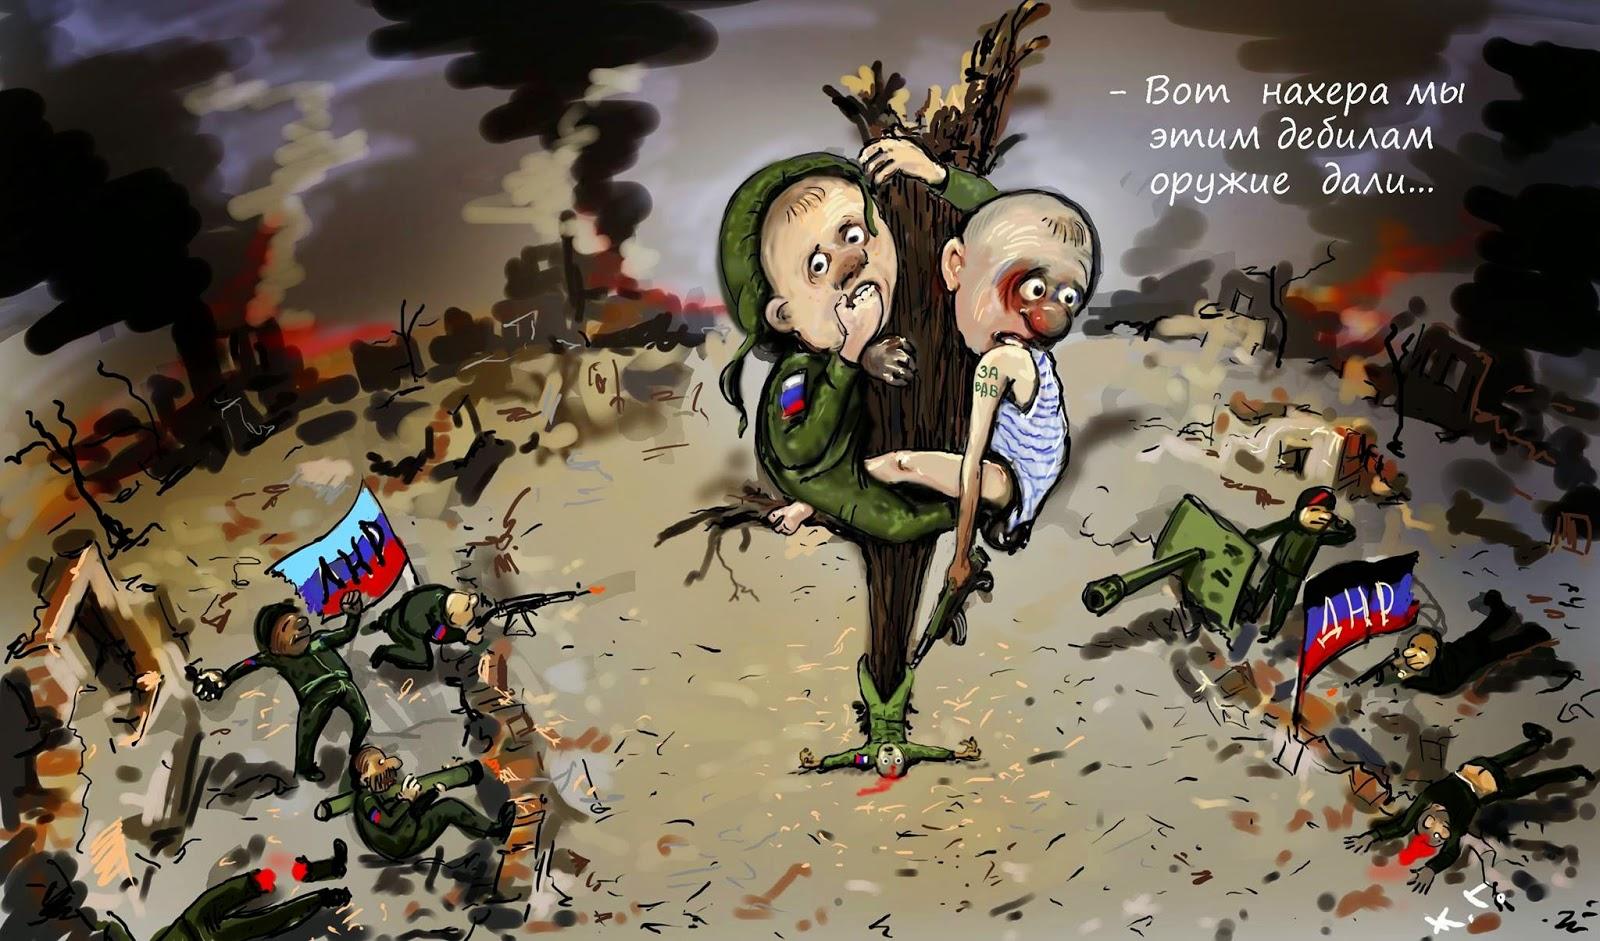 Дебальцево обстреливают из Донецка. Точное количество жертв остается неизвестным, - Ярема - Цензор.НЕТ 4817